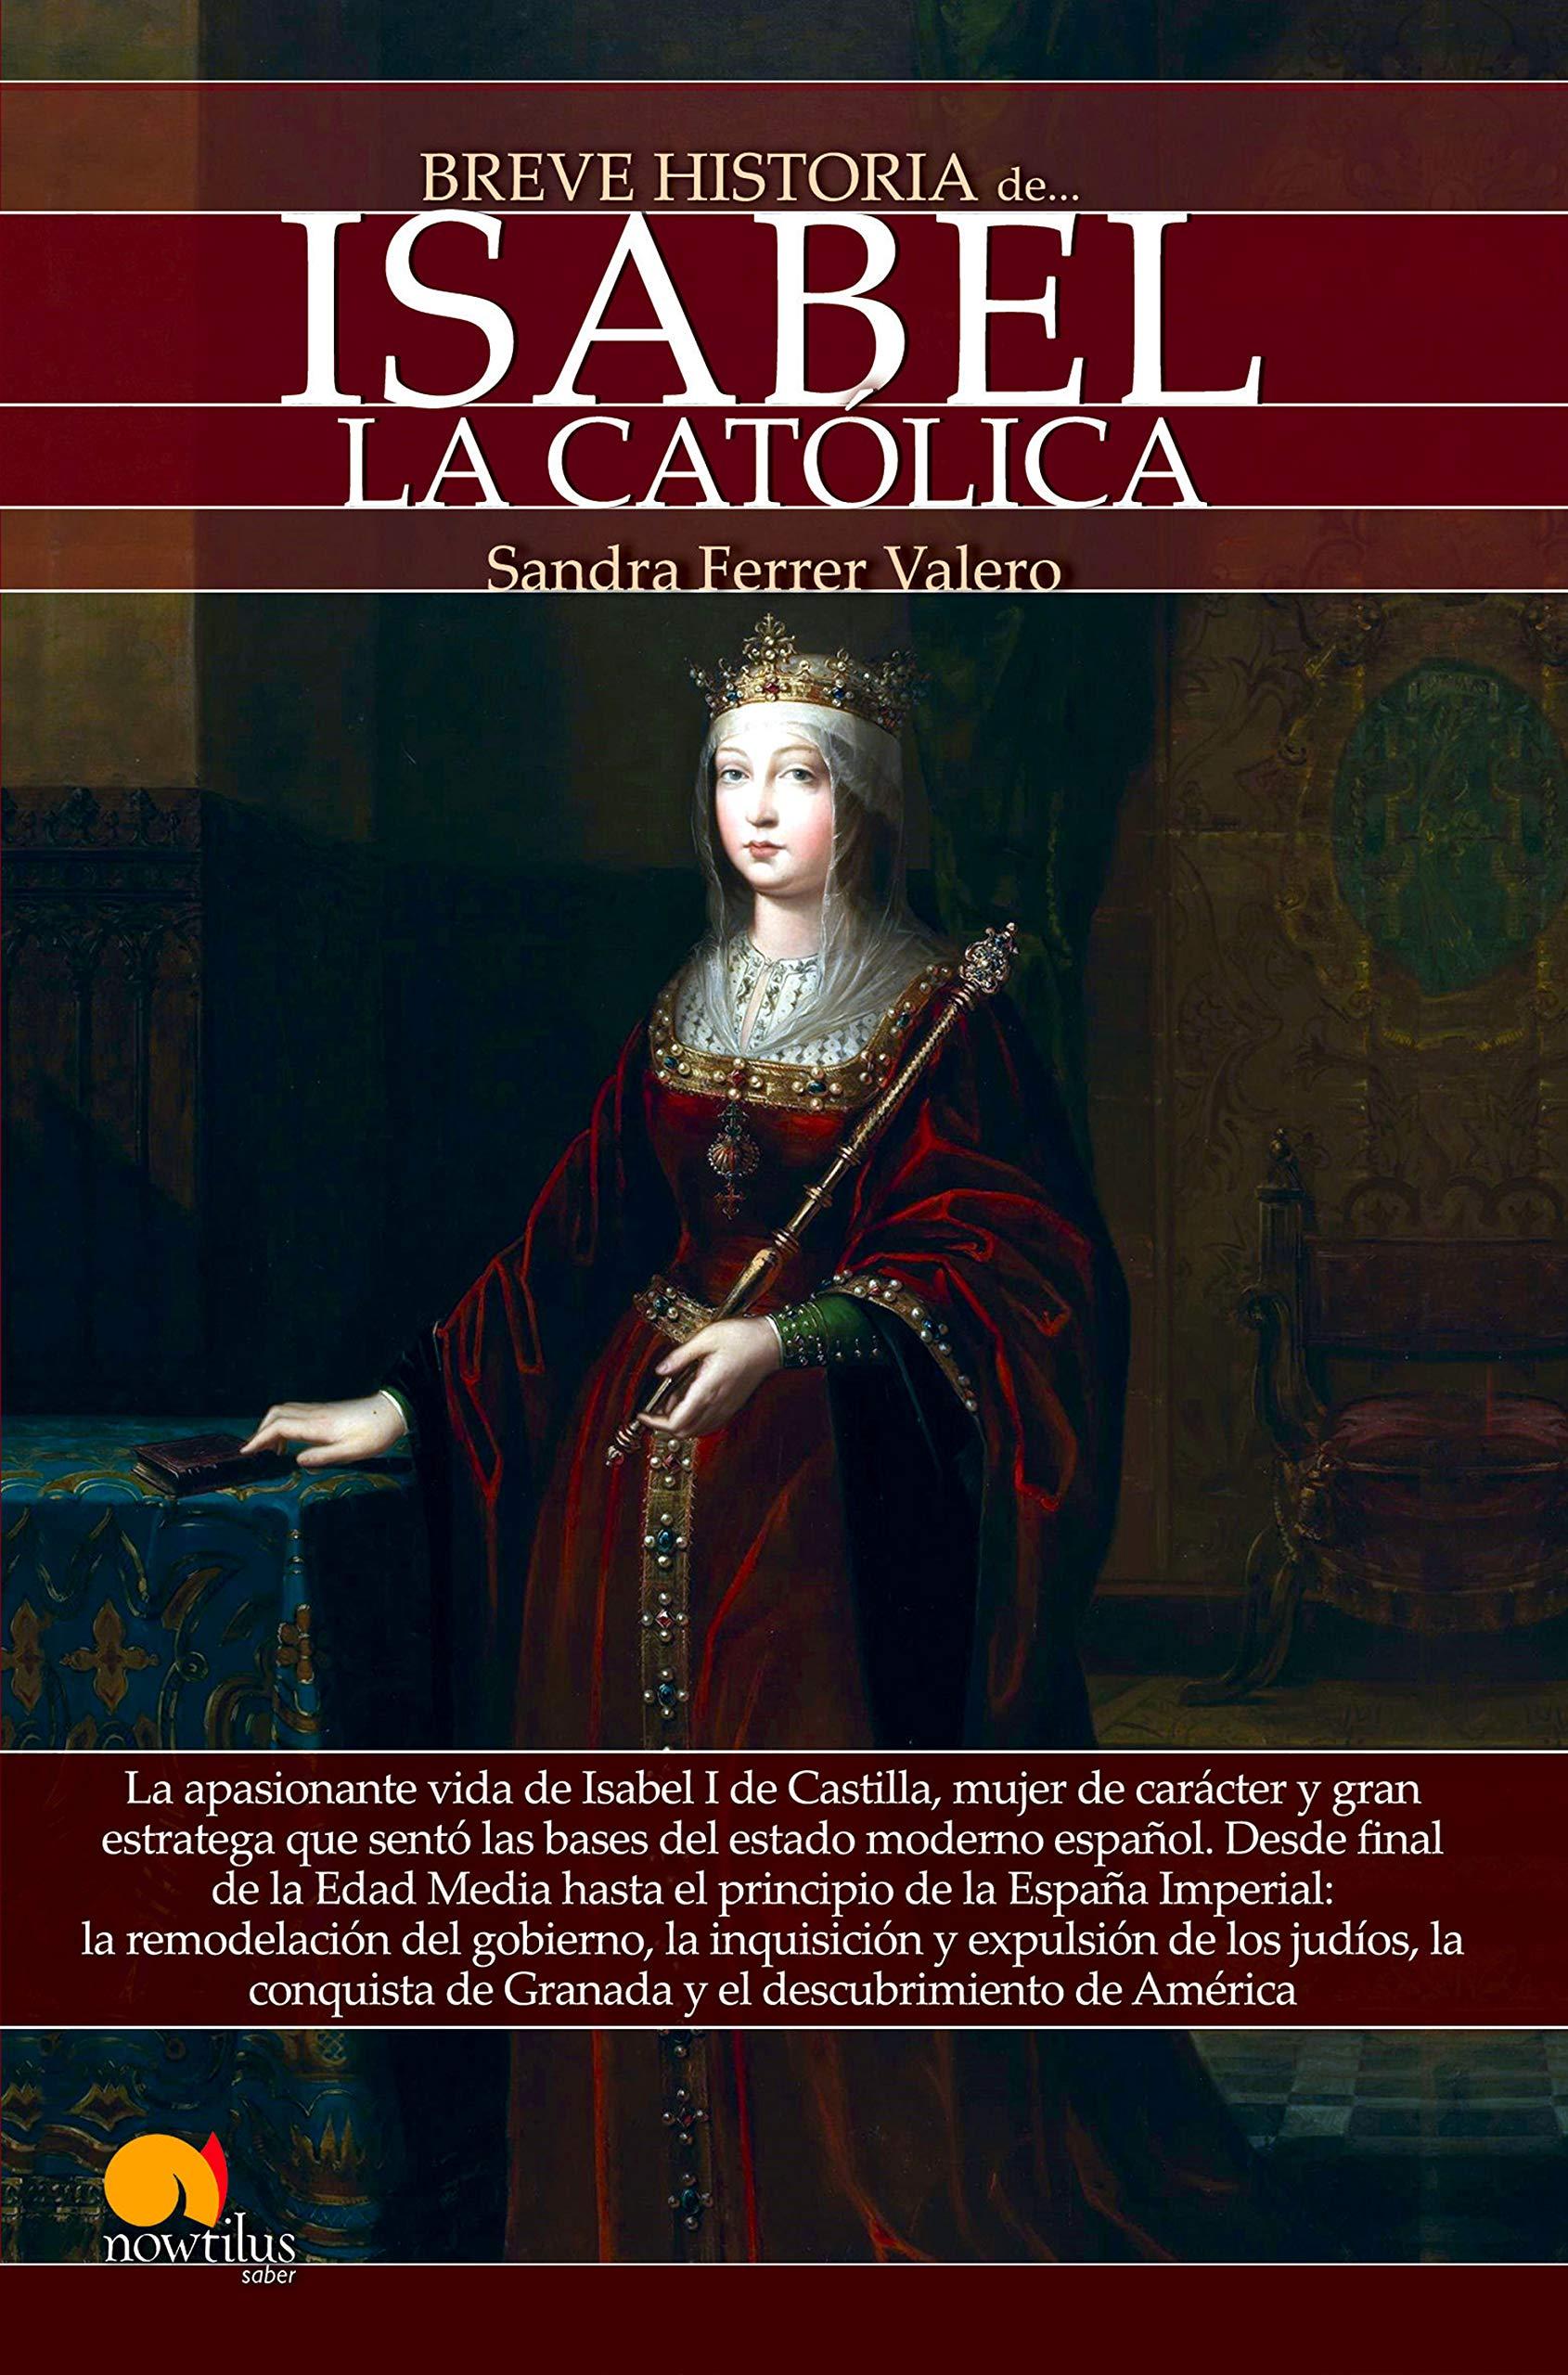 Breve historia de Isabel la Católica Versión sin solapas: Amazon.es: Valero, Sandra Ferrer: Libros